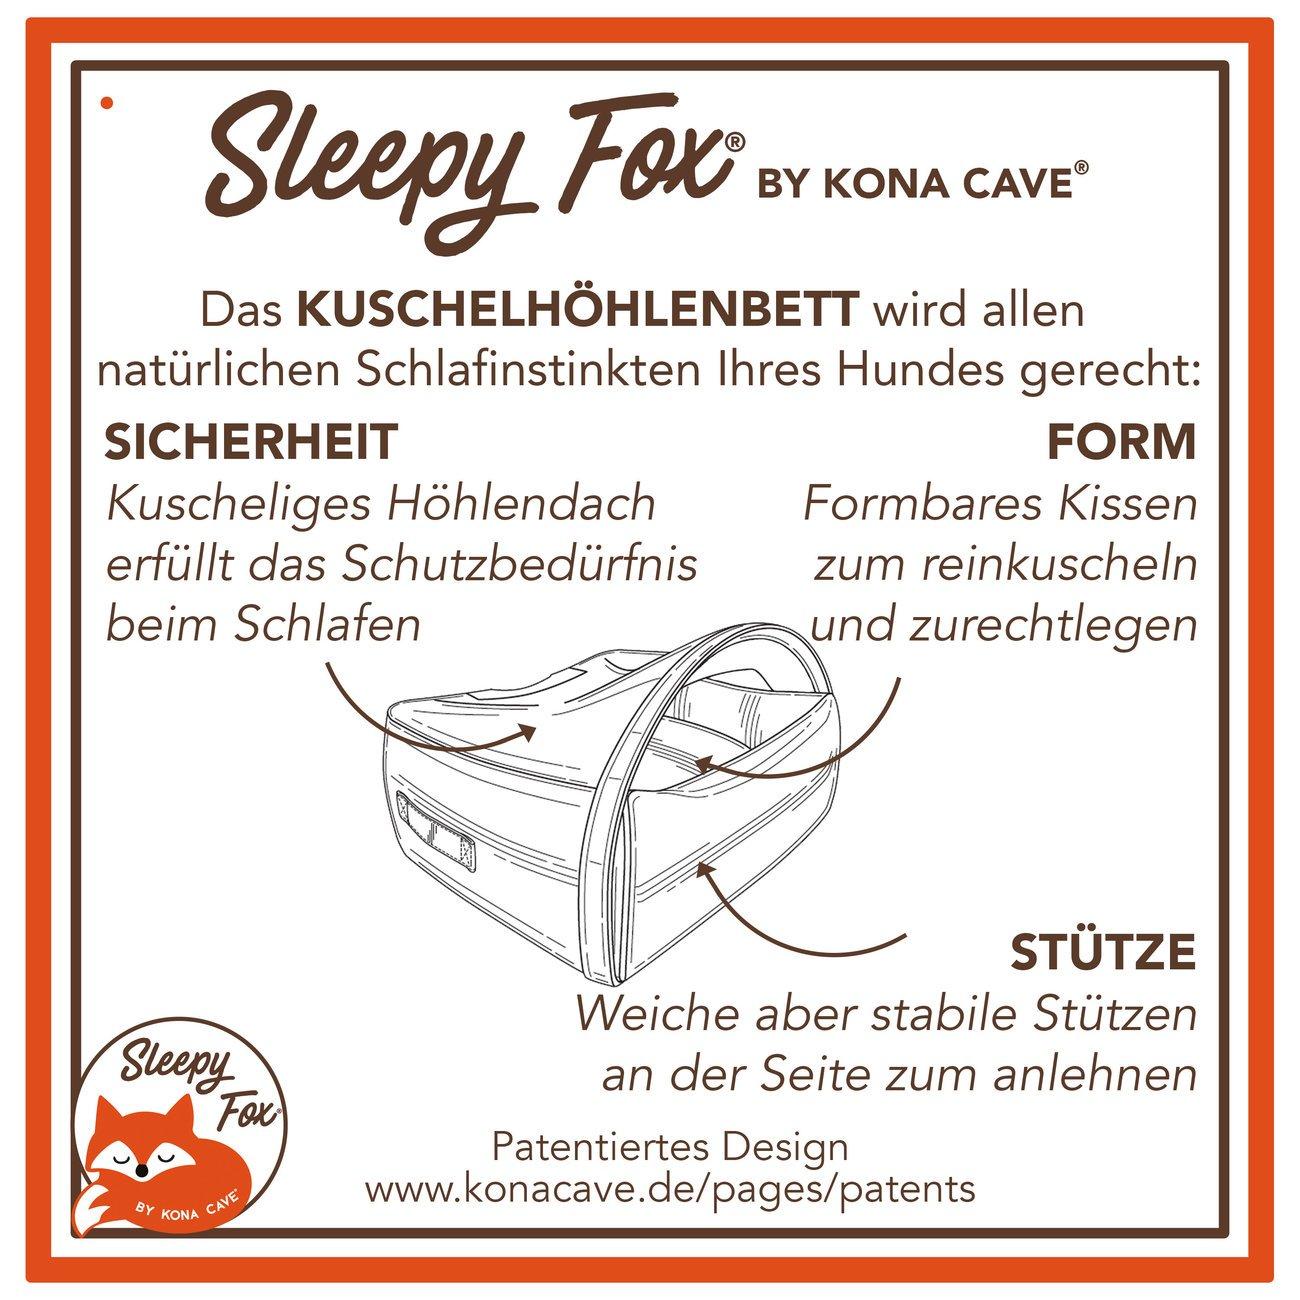 Sleepy Fox® Kuschelhöhlen Hundebett, Bild 16